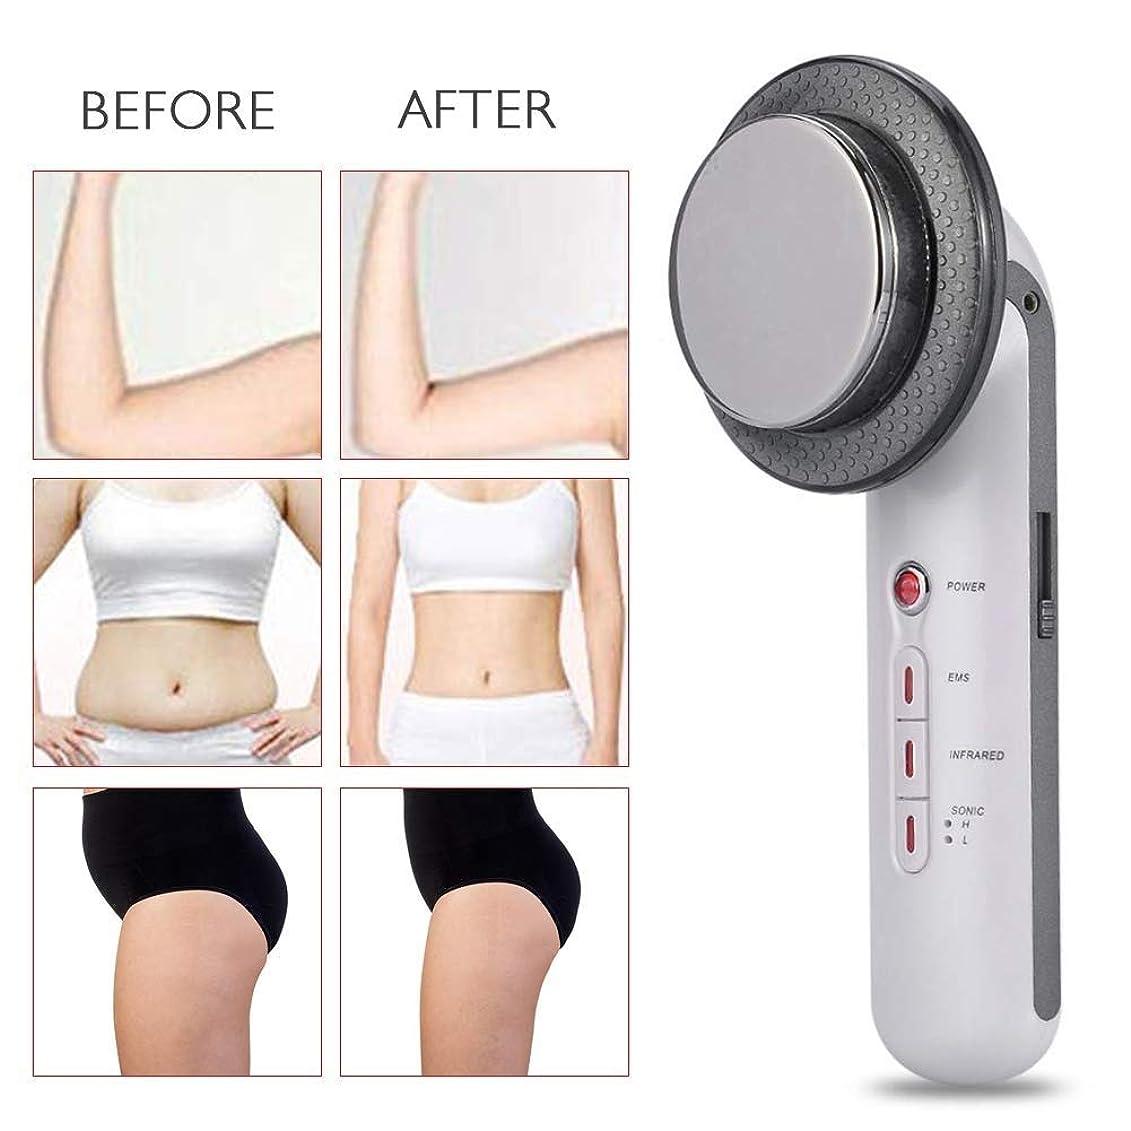 ロータリー重々しい邪悪な1つの脂肪質の取り外し機械に付き3つ、マッサージャーを細くする減量ボディ、セルライトの減少装置、皮のきつく締まること、減少の減量超音波減量、EMSの赤外線ライト振動